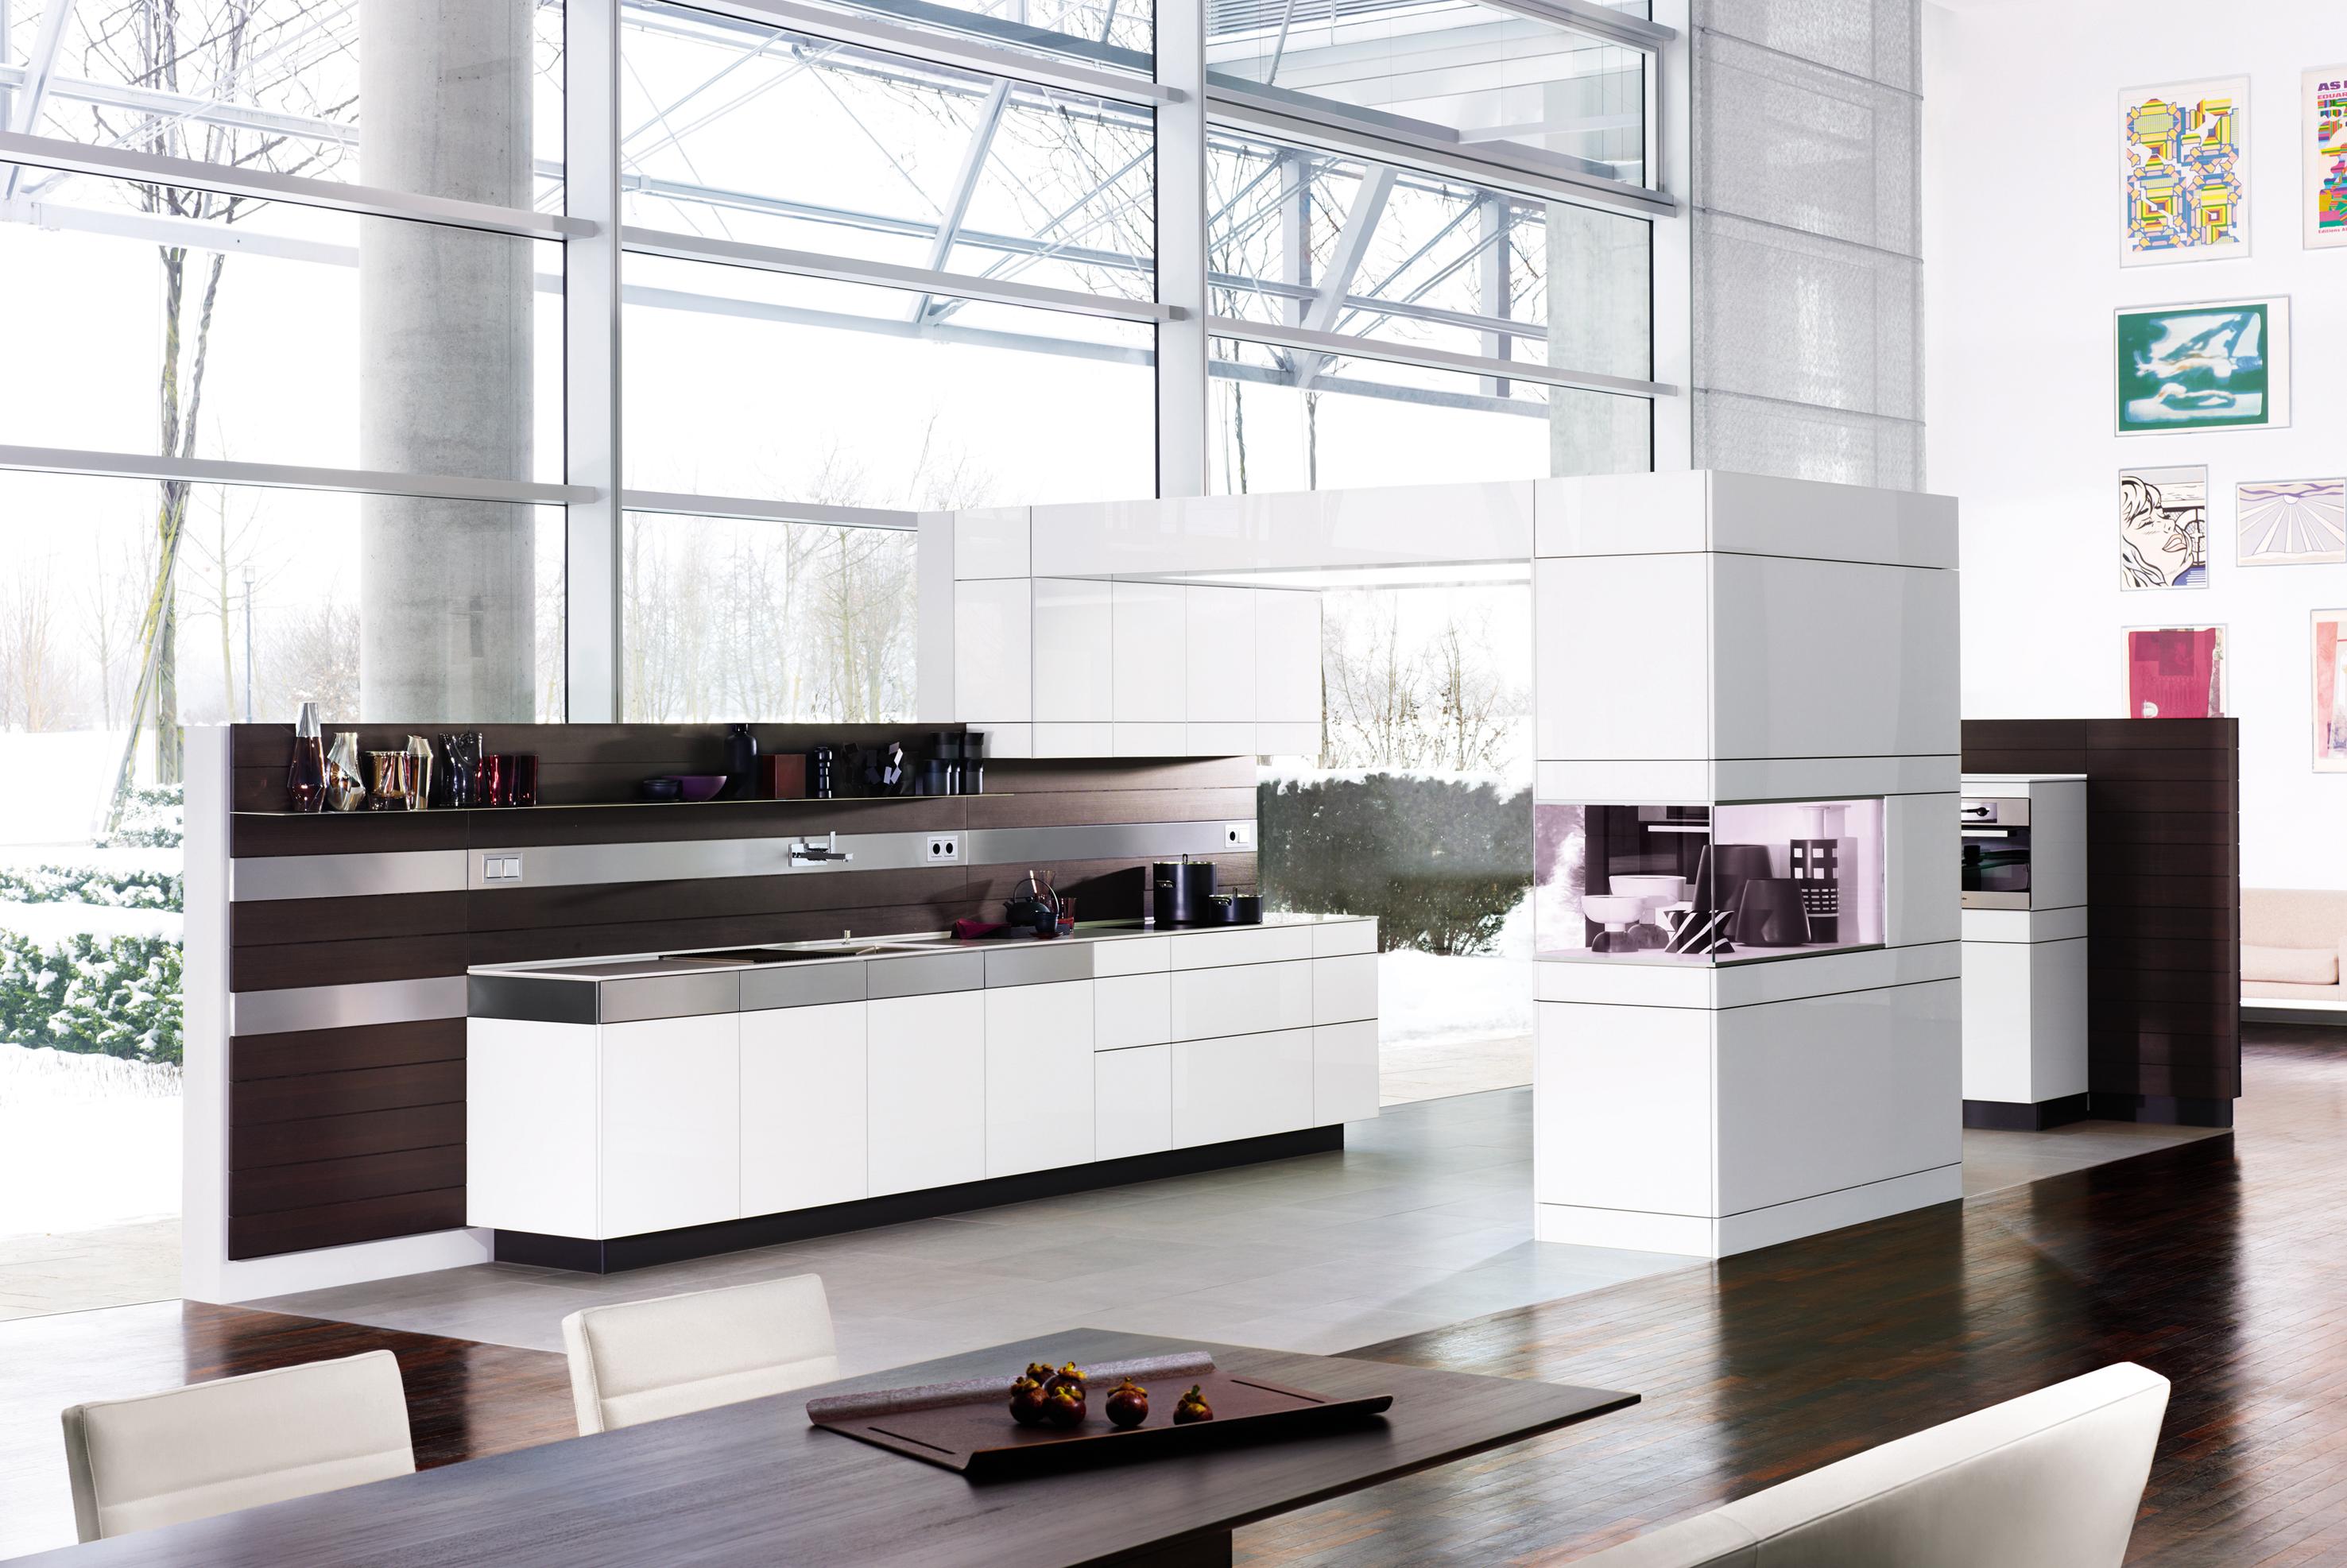 objects of design 26 white kitchens white kitchen designs Poggenpoh s artesio kitchen